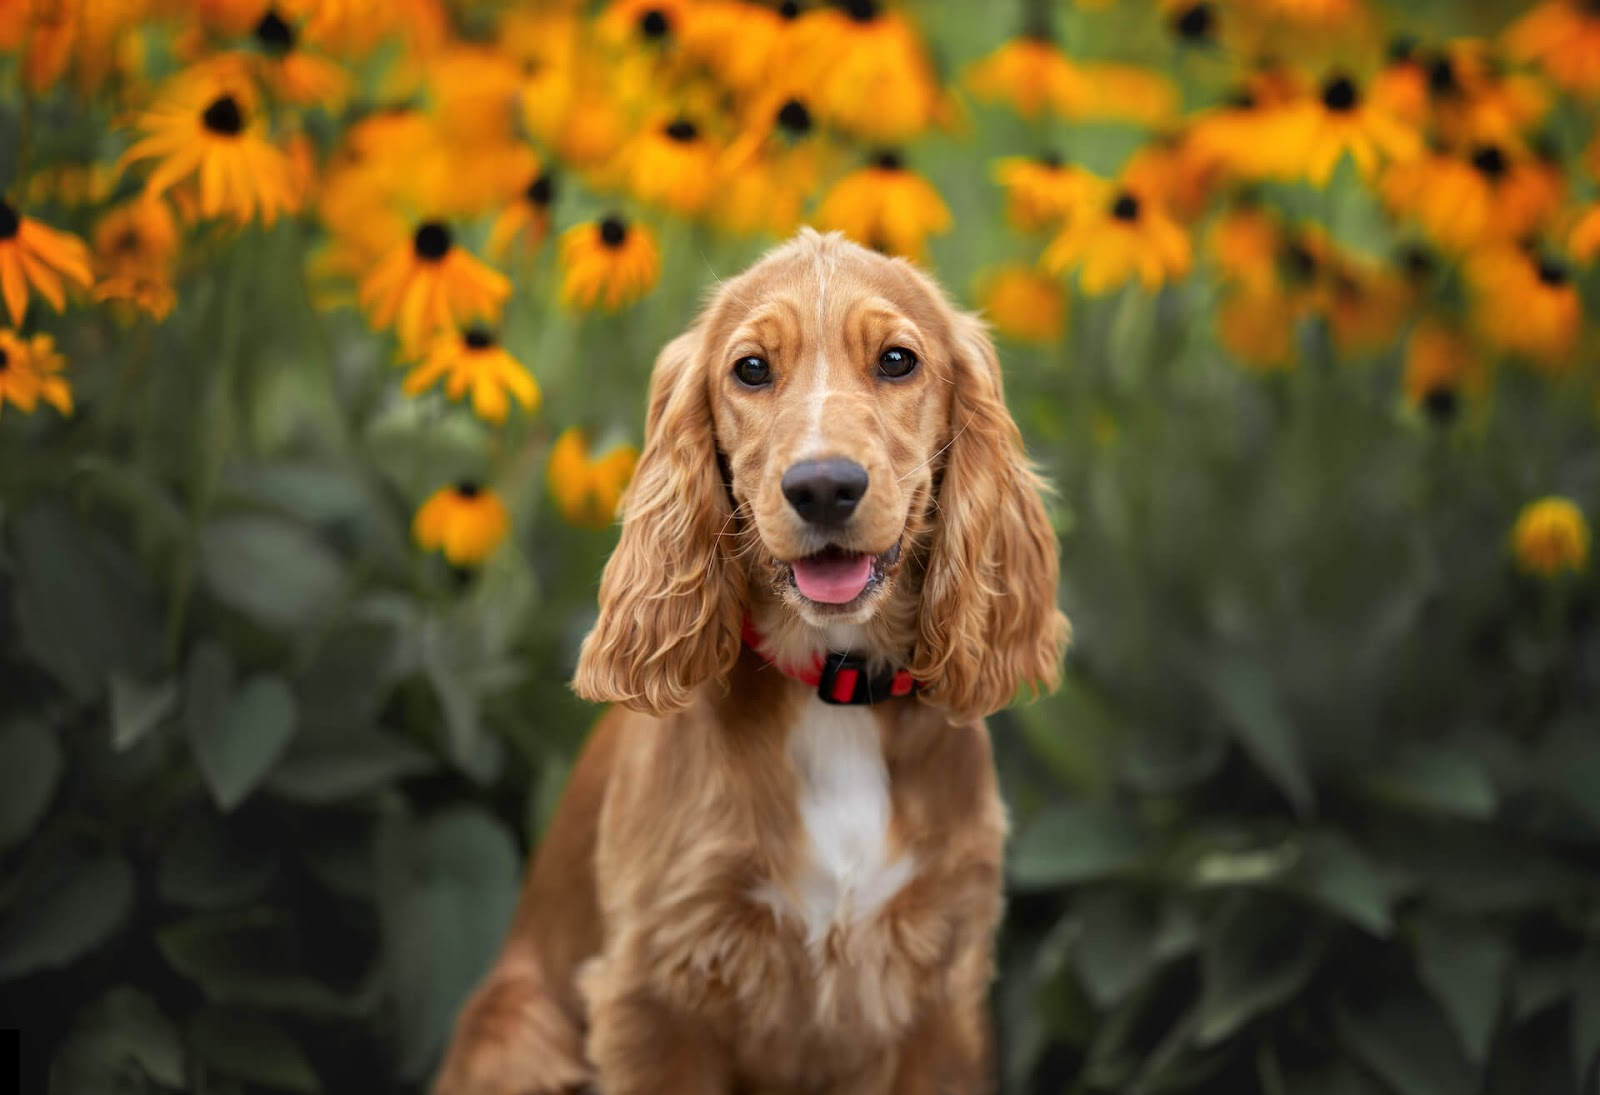 Cocker Spaniel in a field of flowers